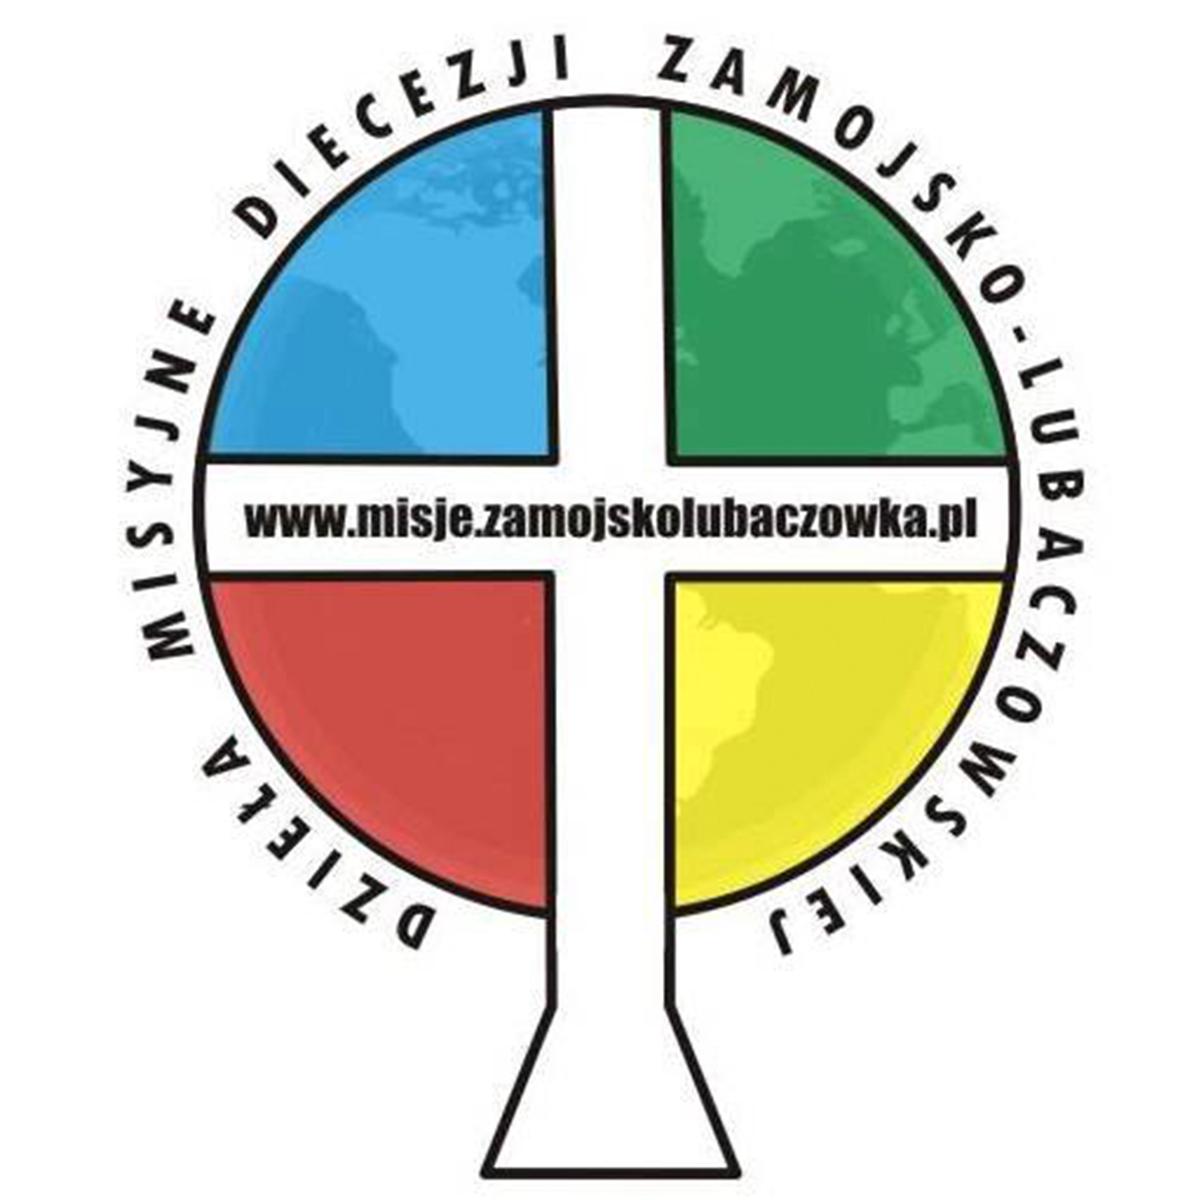 Dzieła misyjne diecezji zamojsko-lubaczowskiej